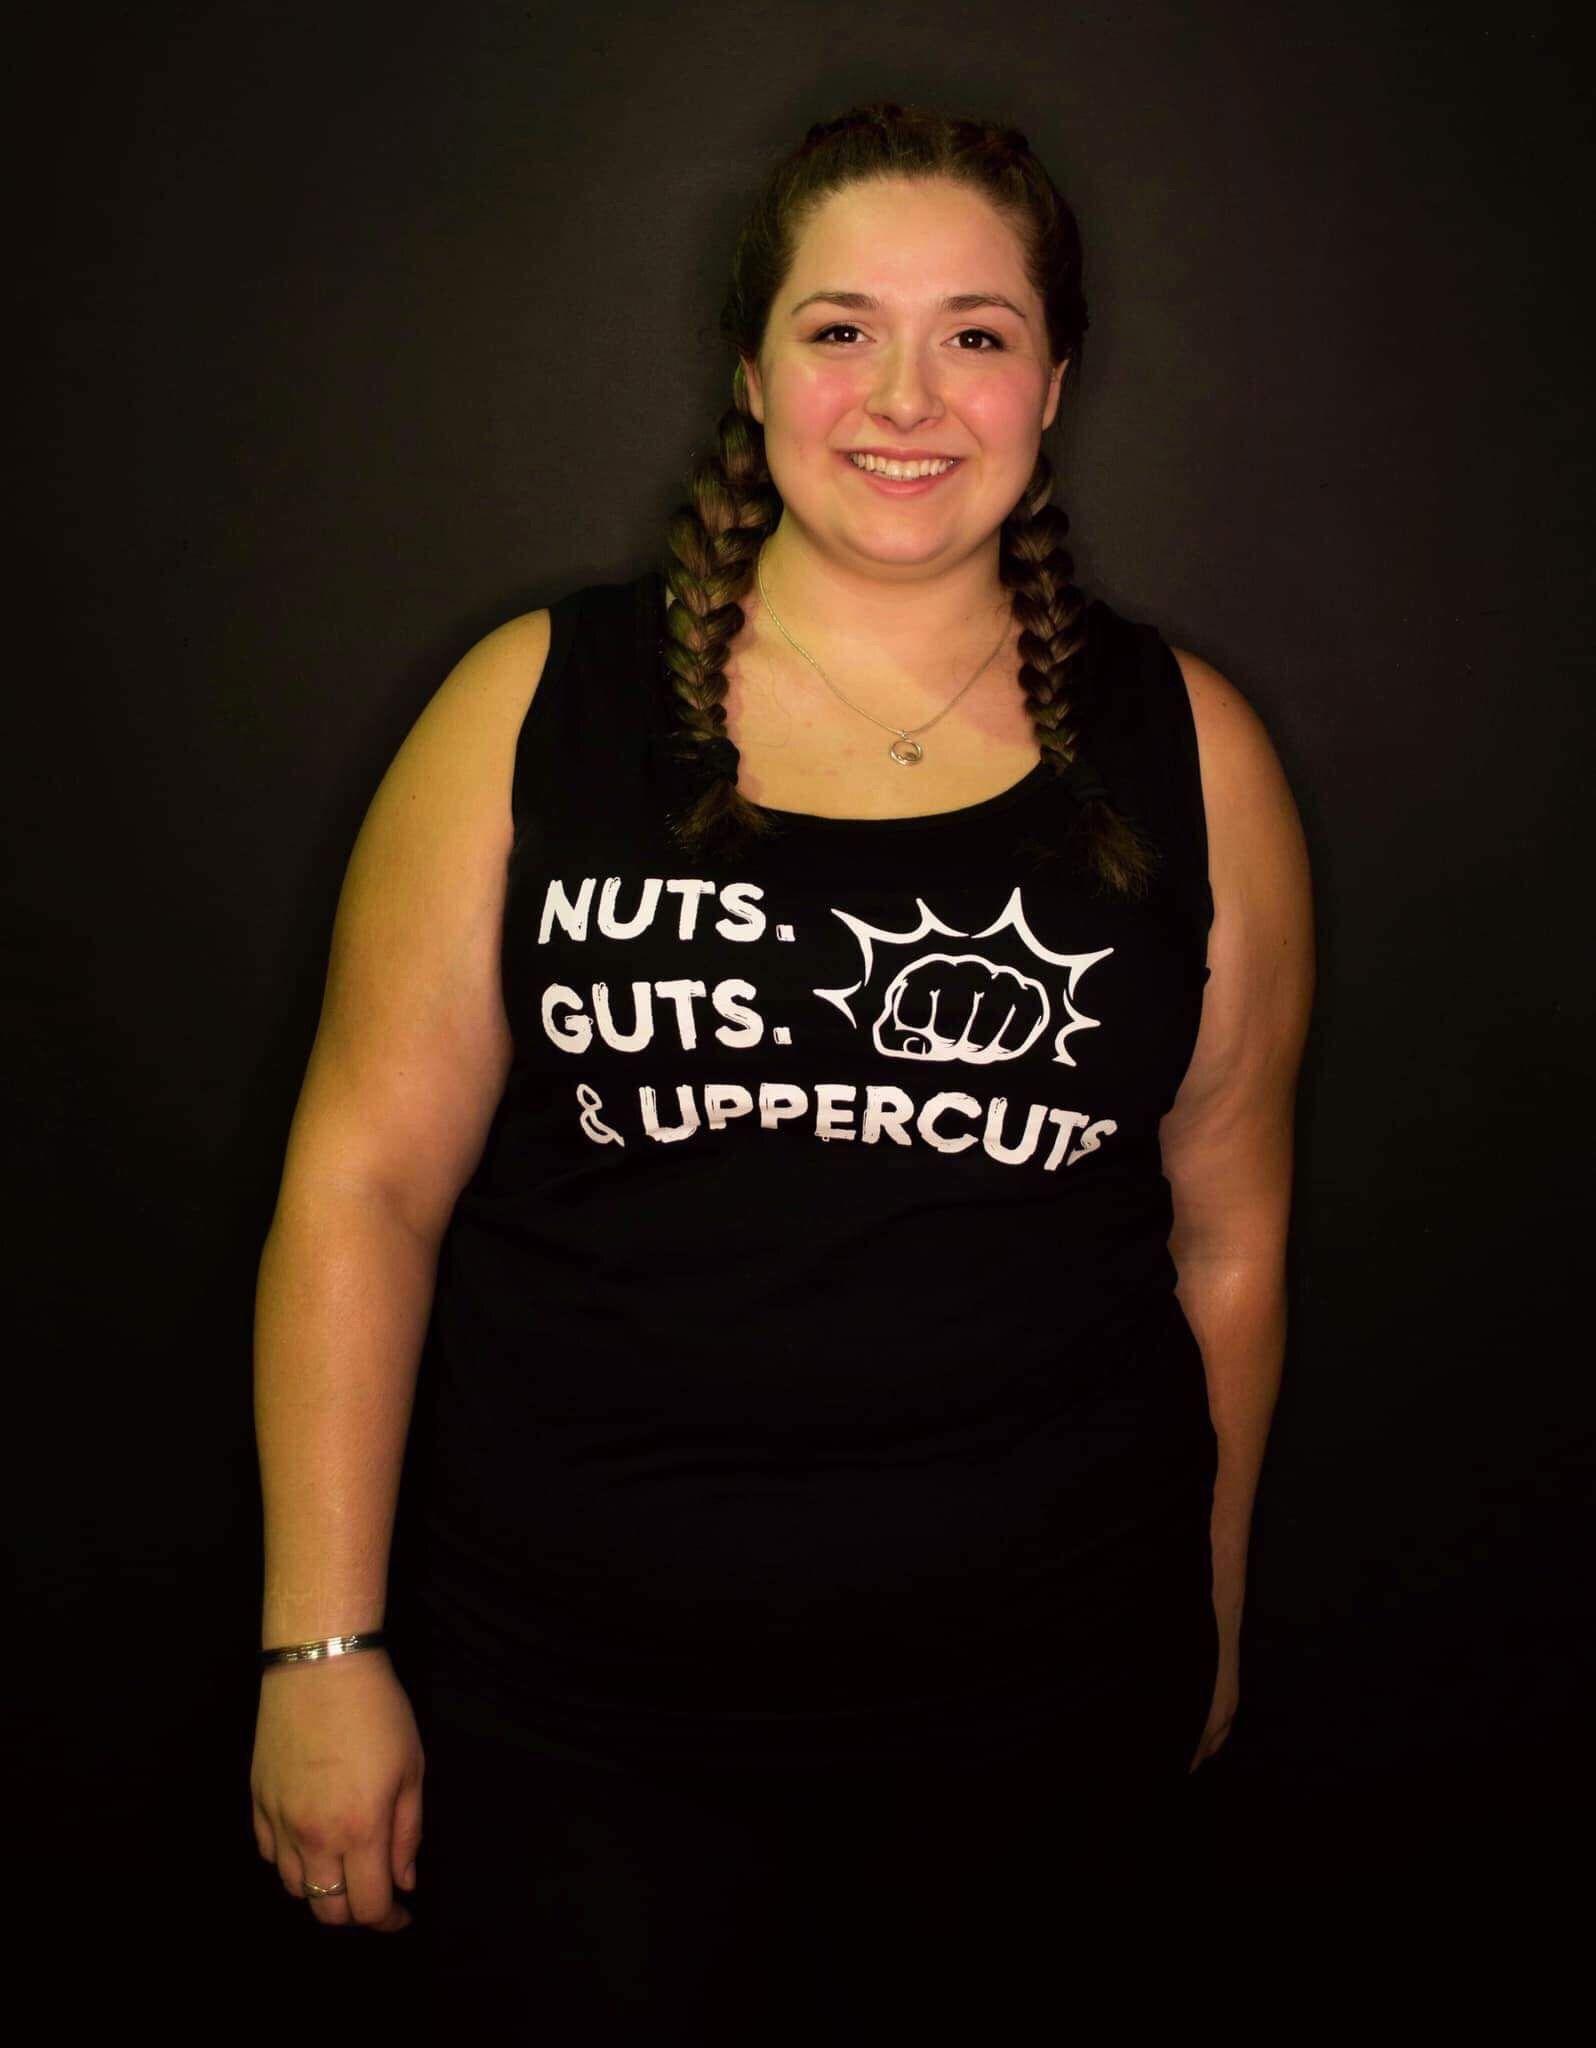 Nuts Guts Uppercuts Tanktop Fit Life Mma Fighters Fashion